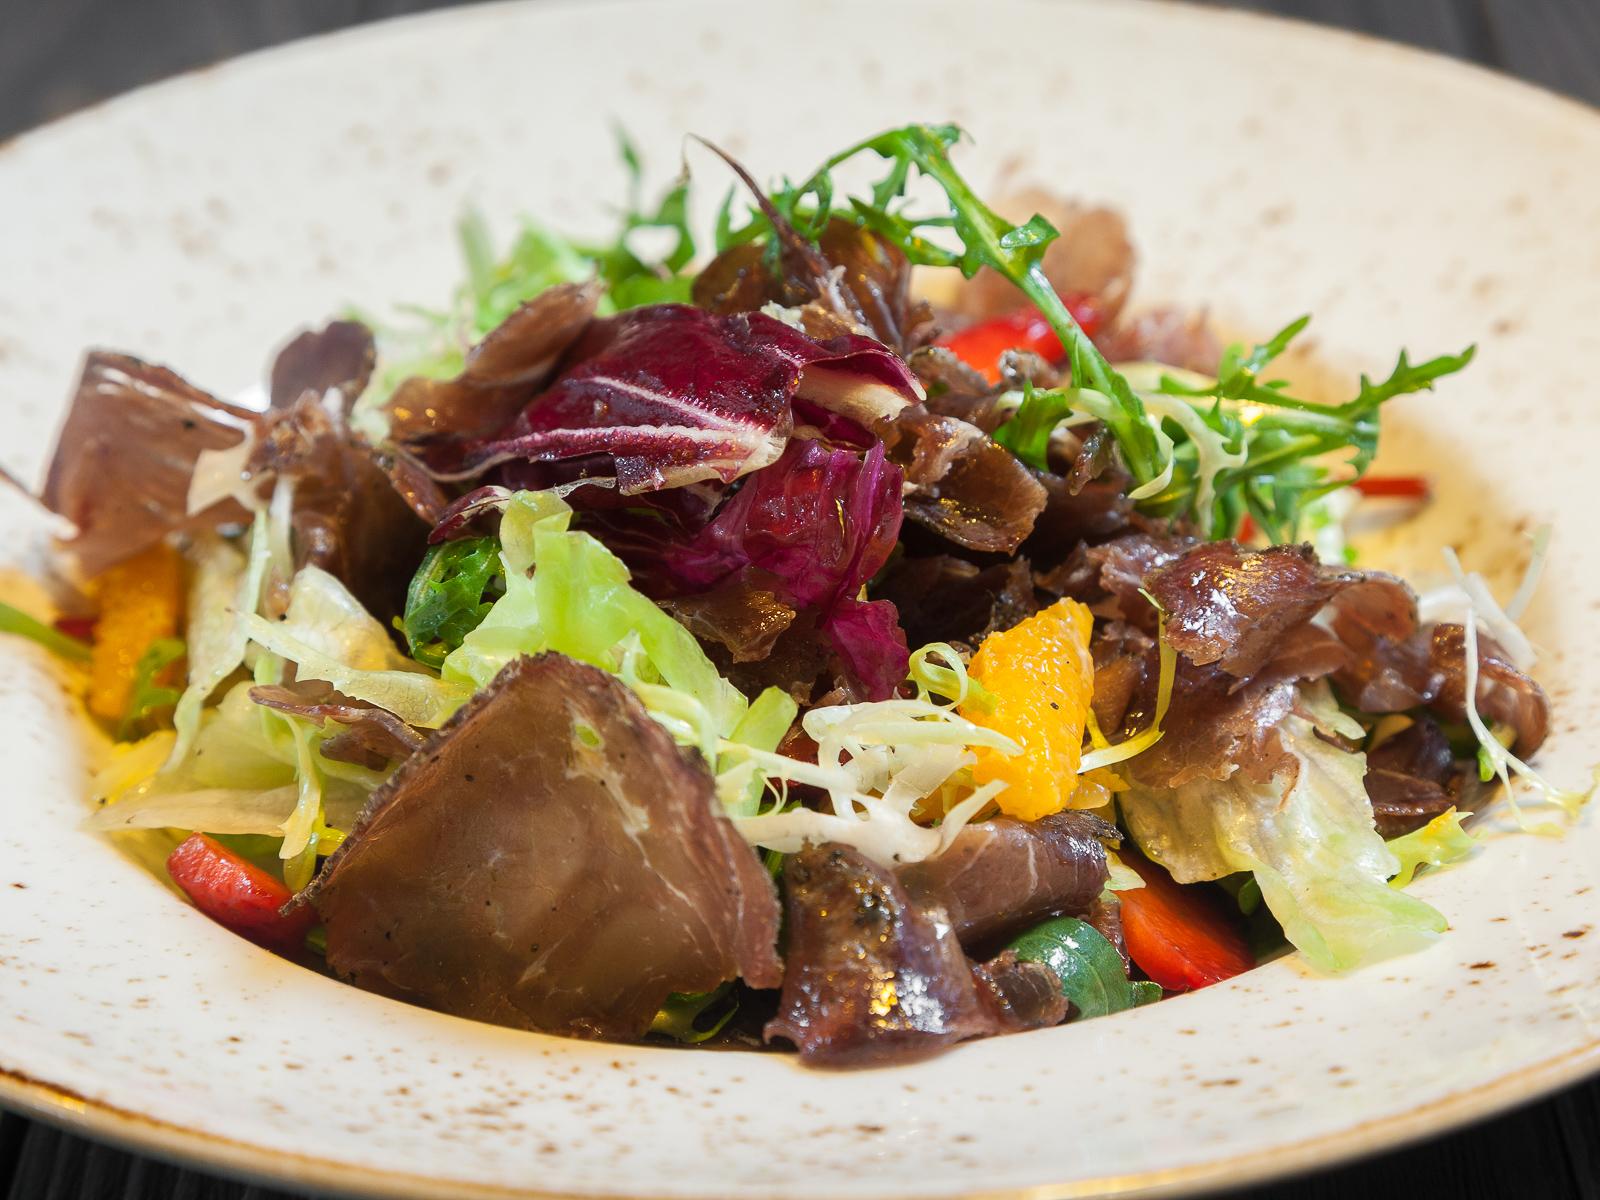 Салат с сыровяленой говядиной ExtraVirgin, клубникой и мандарином